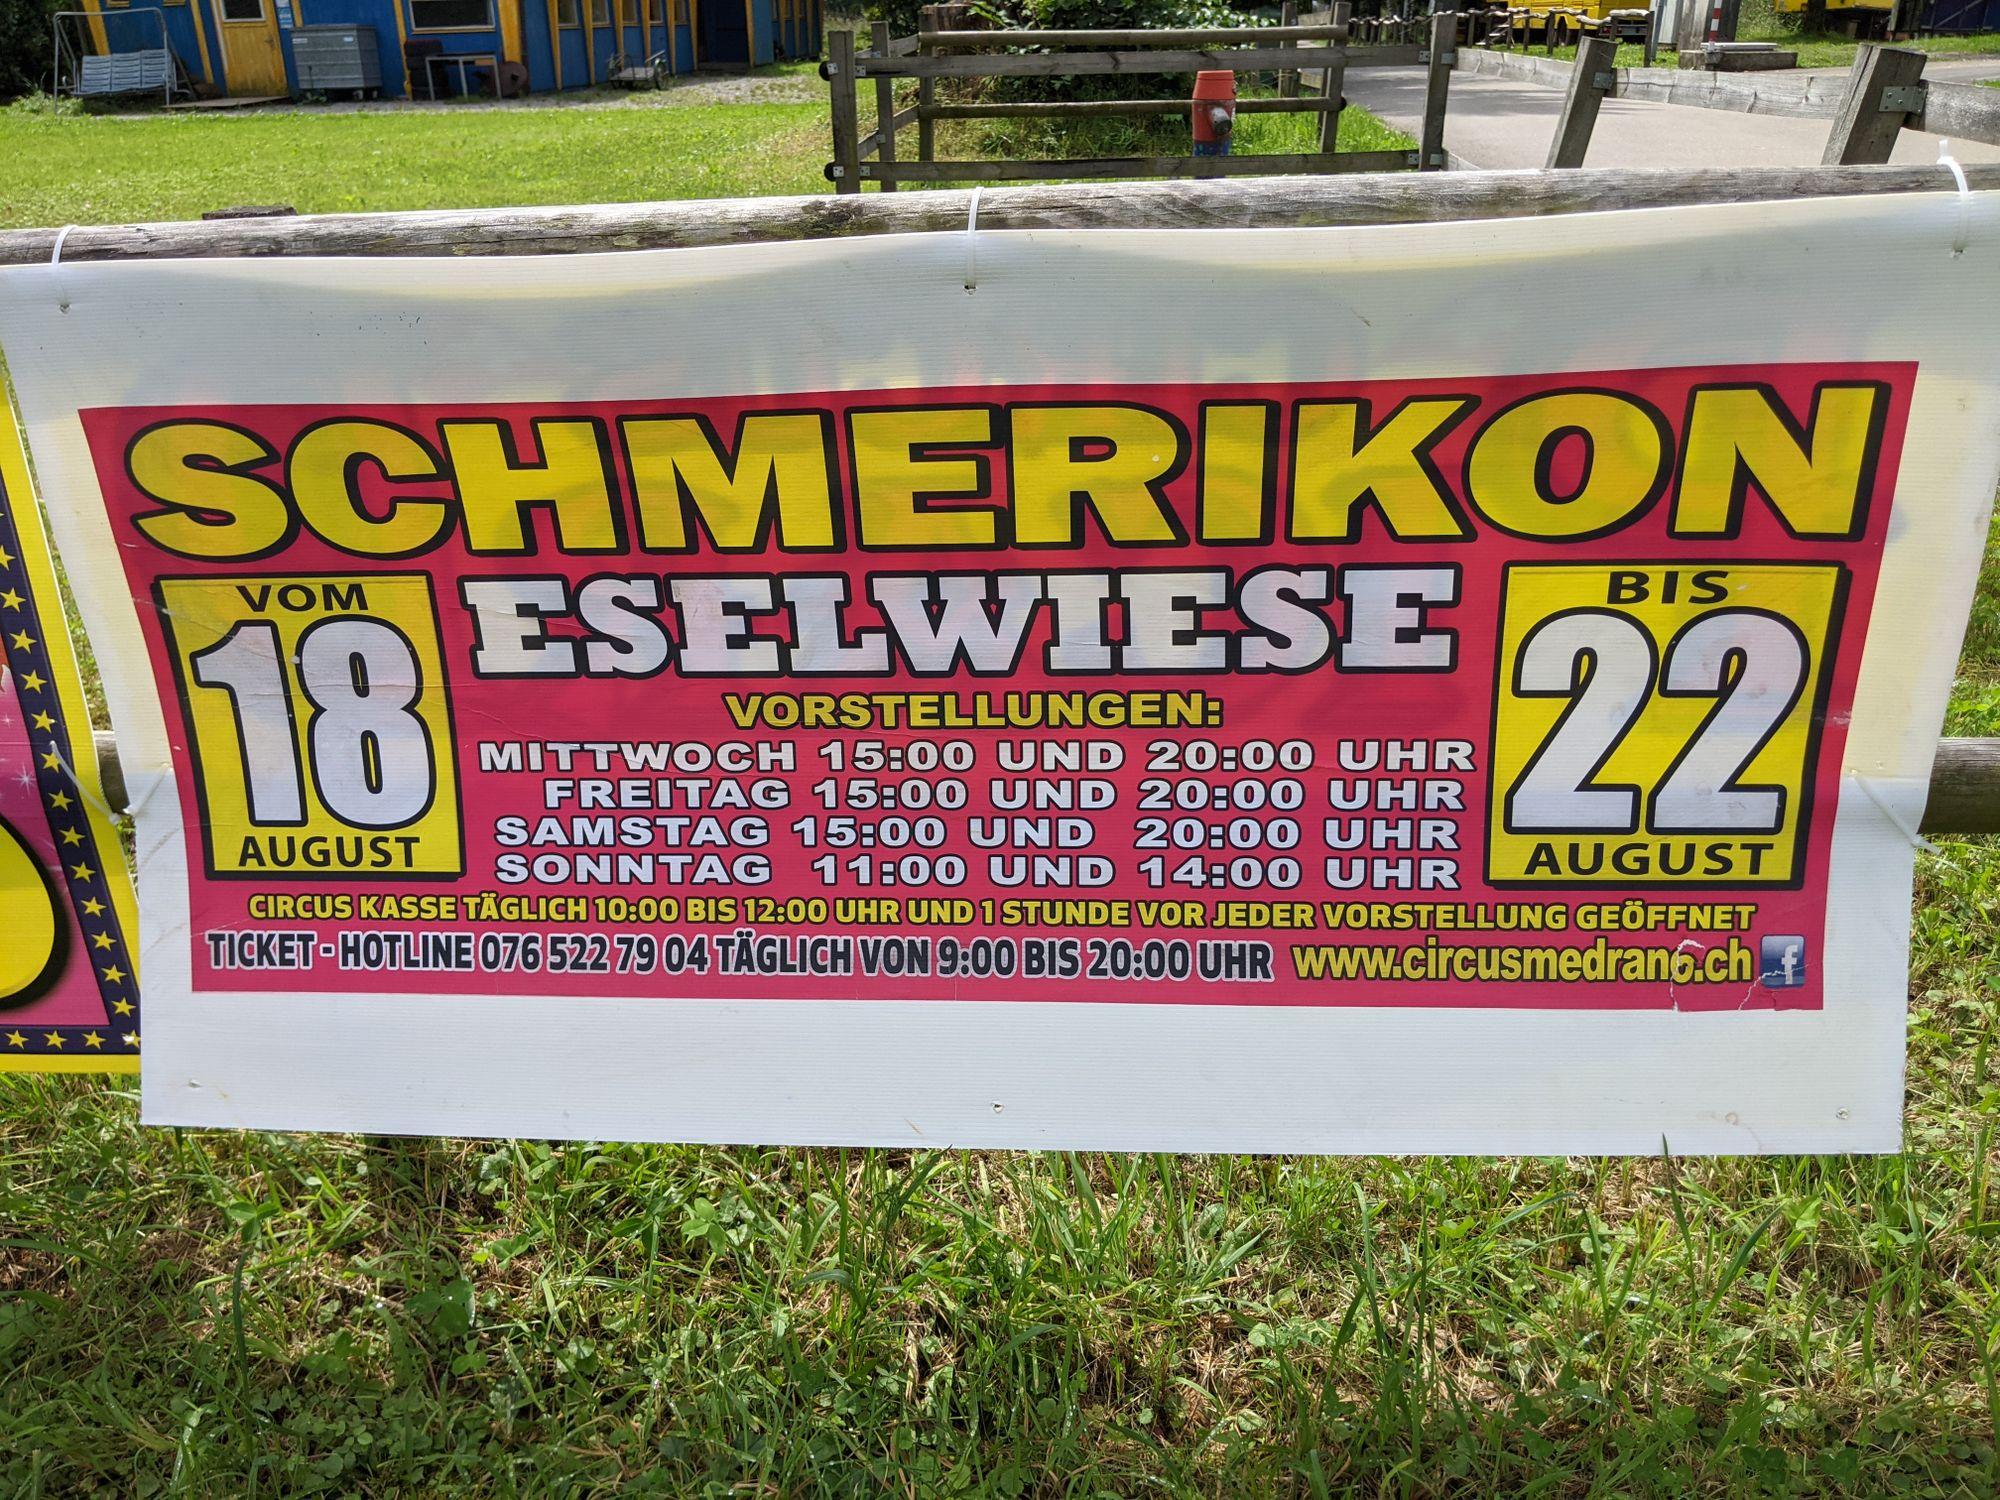 Vorstellungen vom Circus Medrano in Schmerikon im August 2021 (Foto: Thomas Müller, 8716.ch)